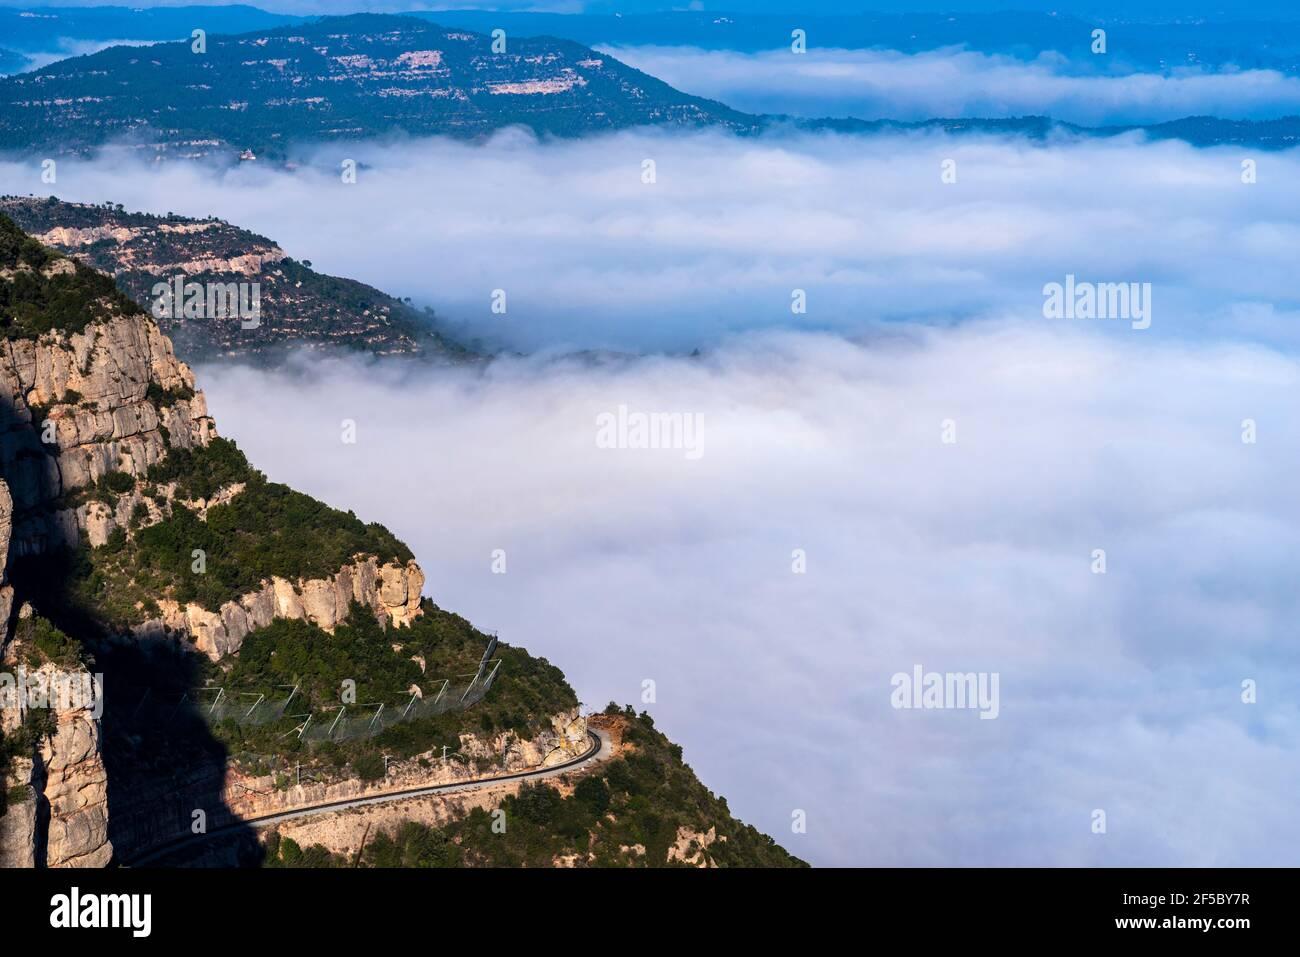 Montaña y basílica de Montserrat, Vista aérea del centro de Cataluña, zona de Manresa, Barcelona, Cataluña, España. Foto de stock